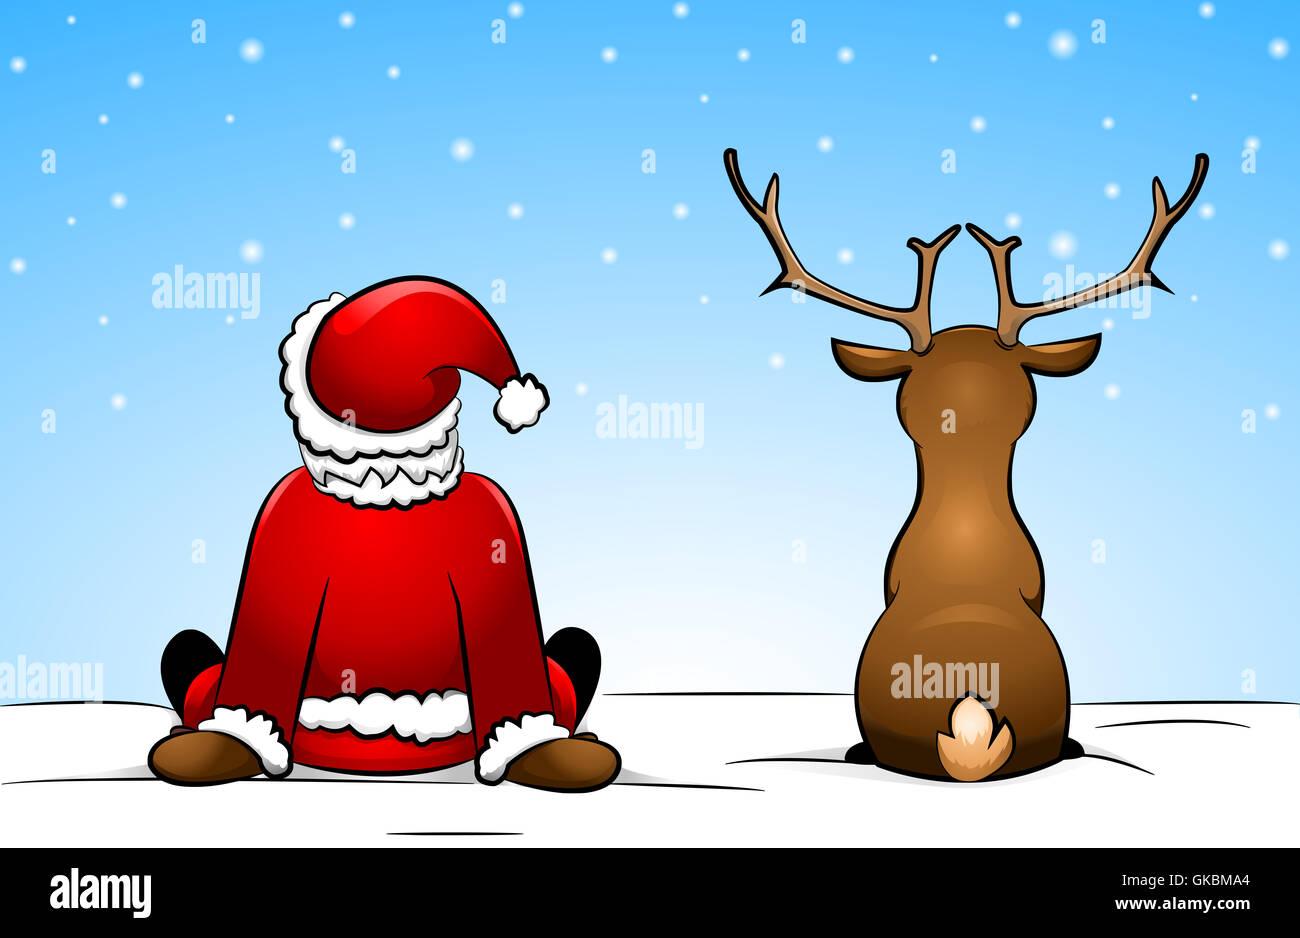 Comic Bilder Weihnachten.Comic Vater Weihnachten Nikolaus Stockfoto Bild 115198108 Alamy